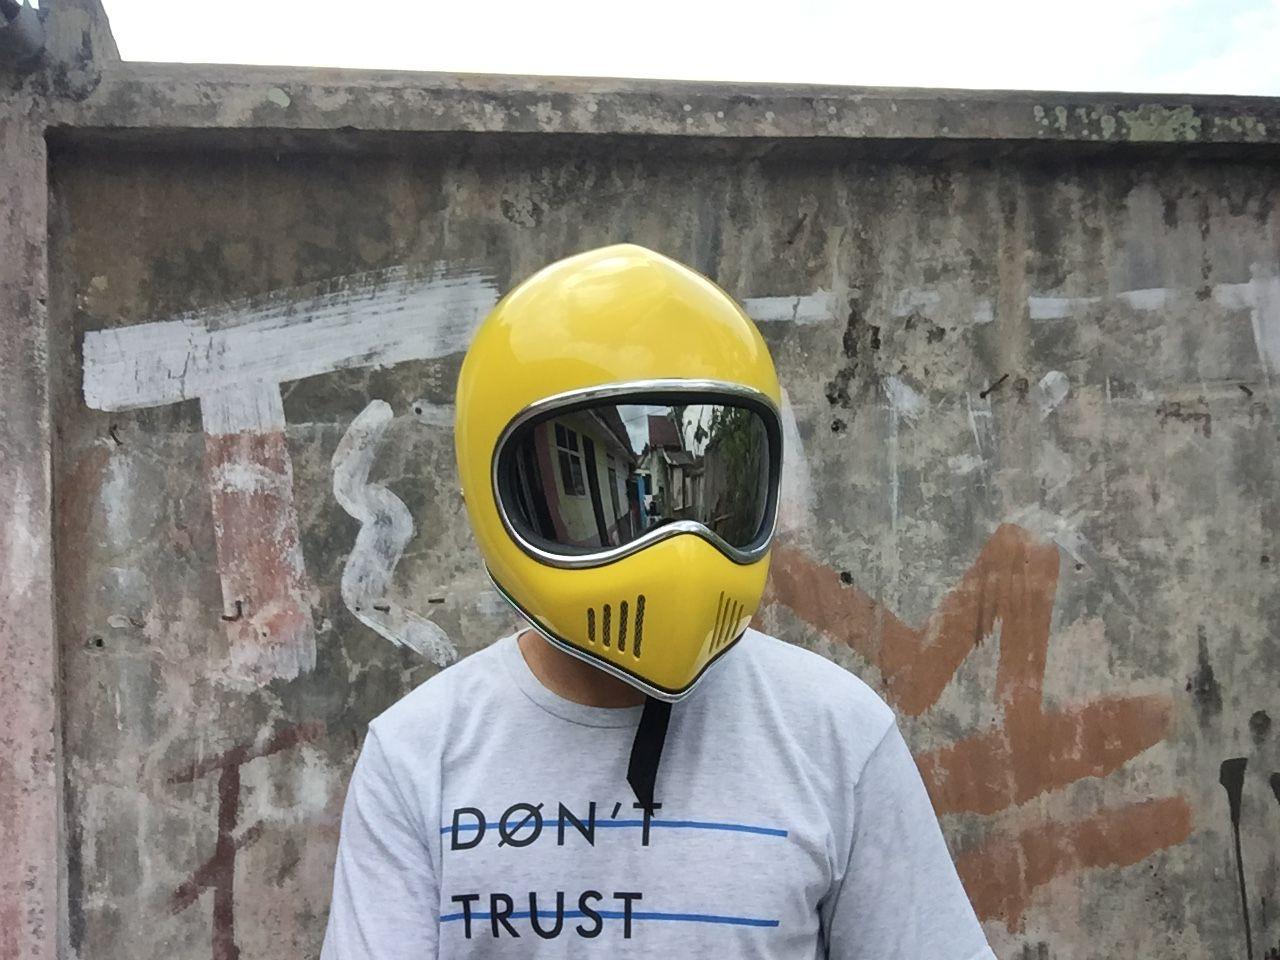 Pin oleh MarkasHelmet di Helmet